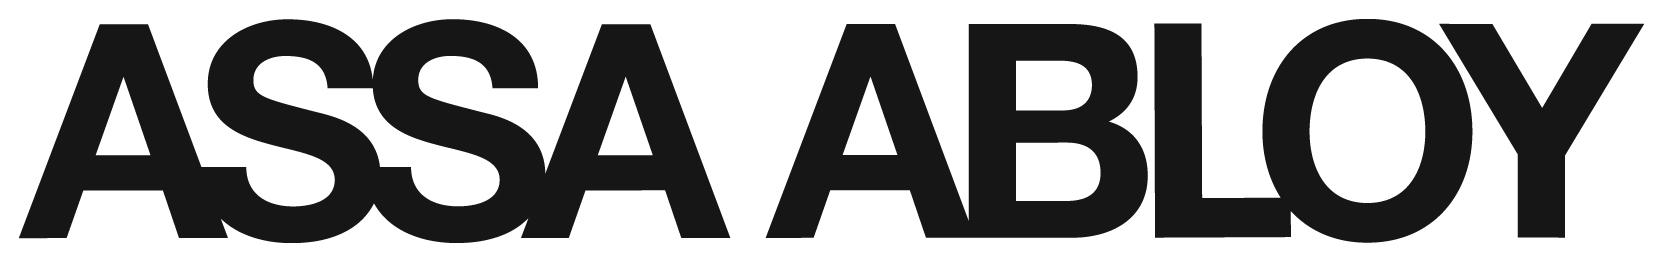 Design Awards: ASSA ABLOY logo